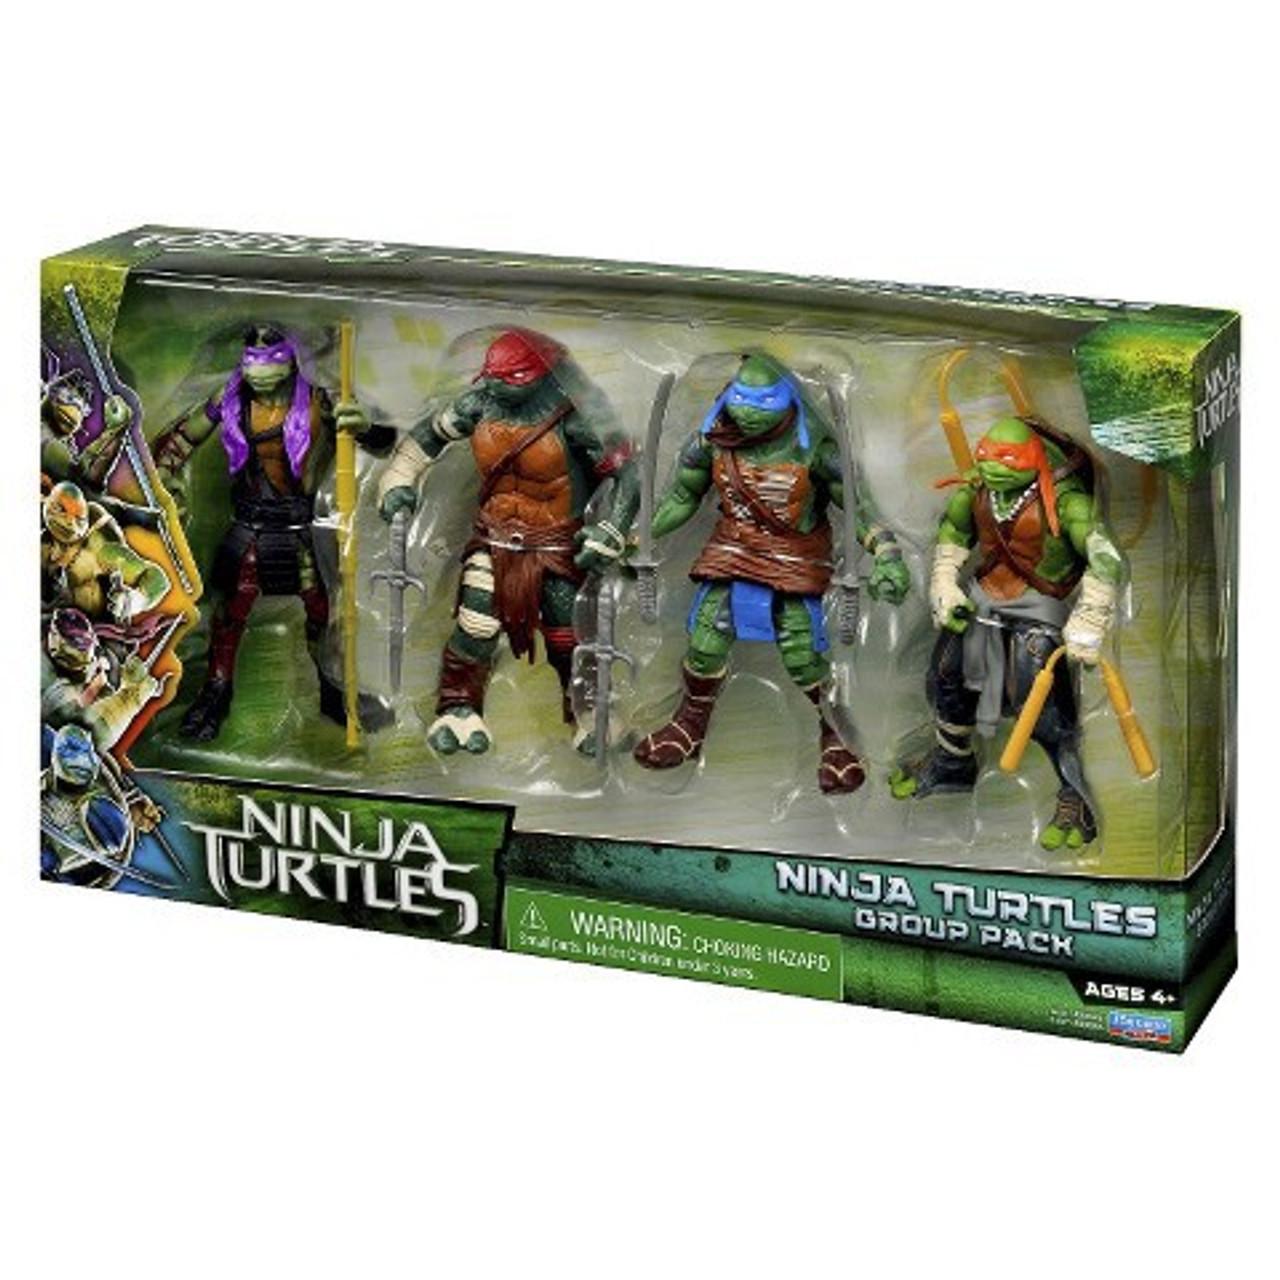 Teenage Mutant Ninja Turtles 2014 Movie Ninja Turtles Group Exclusive Action Figure 4-Pack